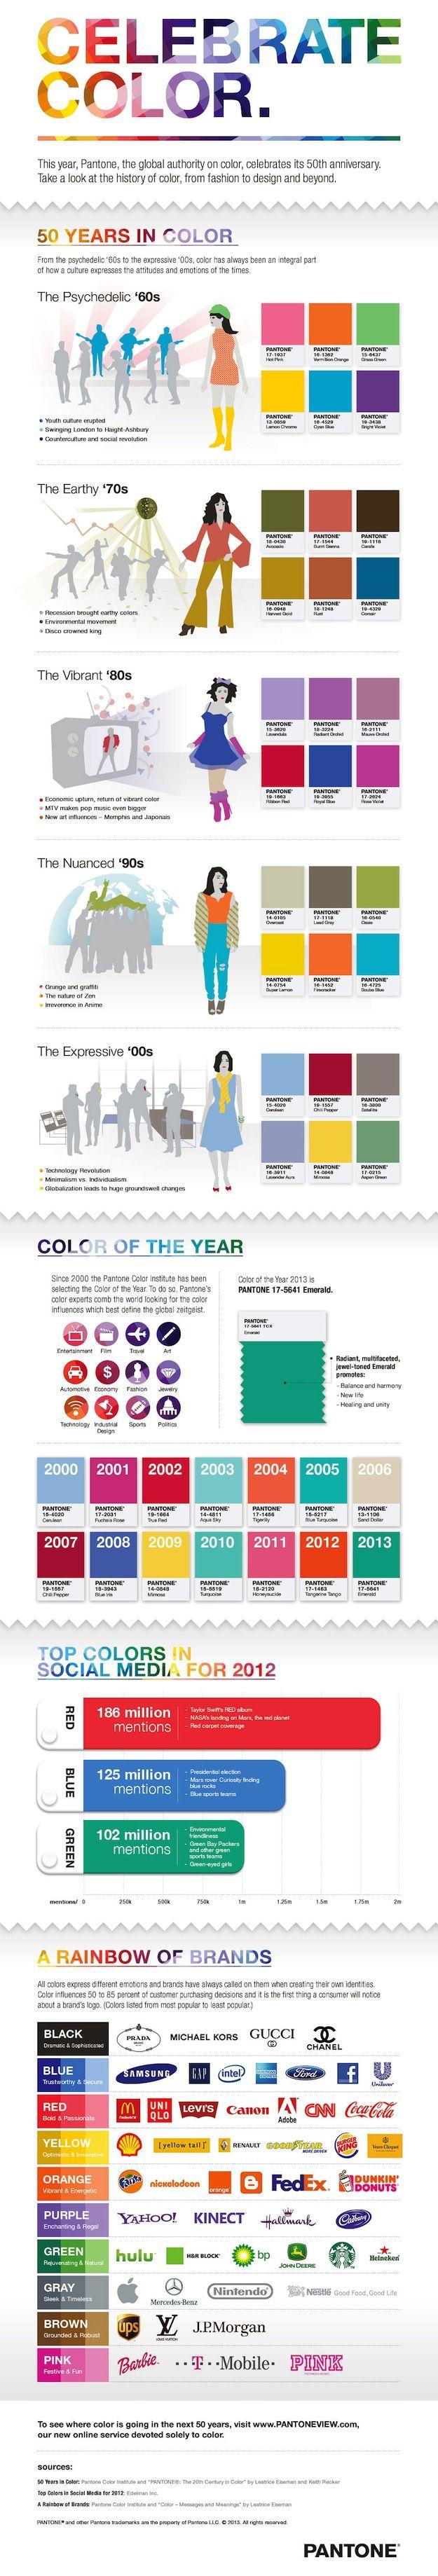 Infográfico com as tendências de cores Pantone de cada década